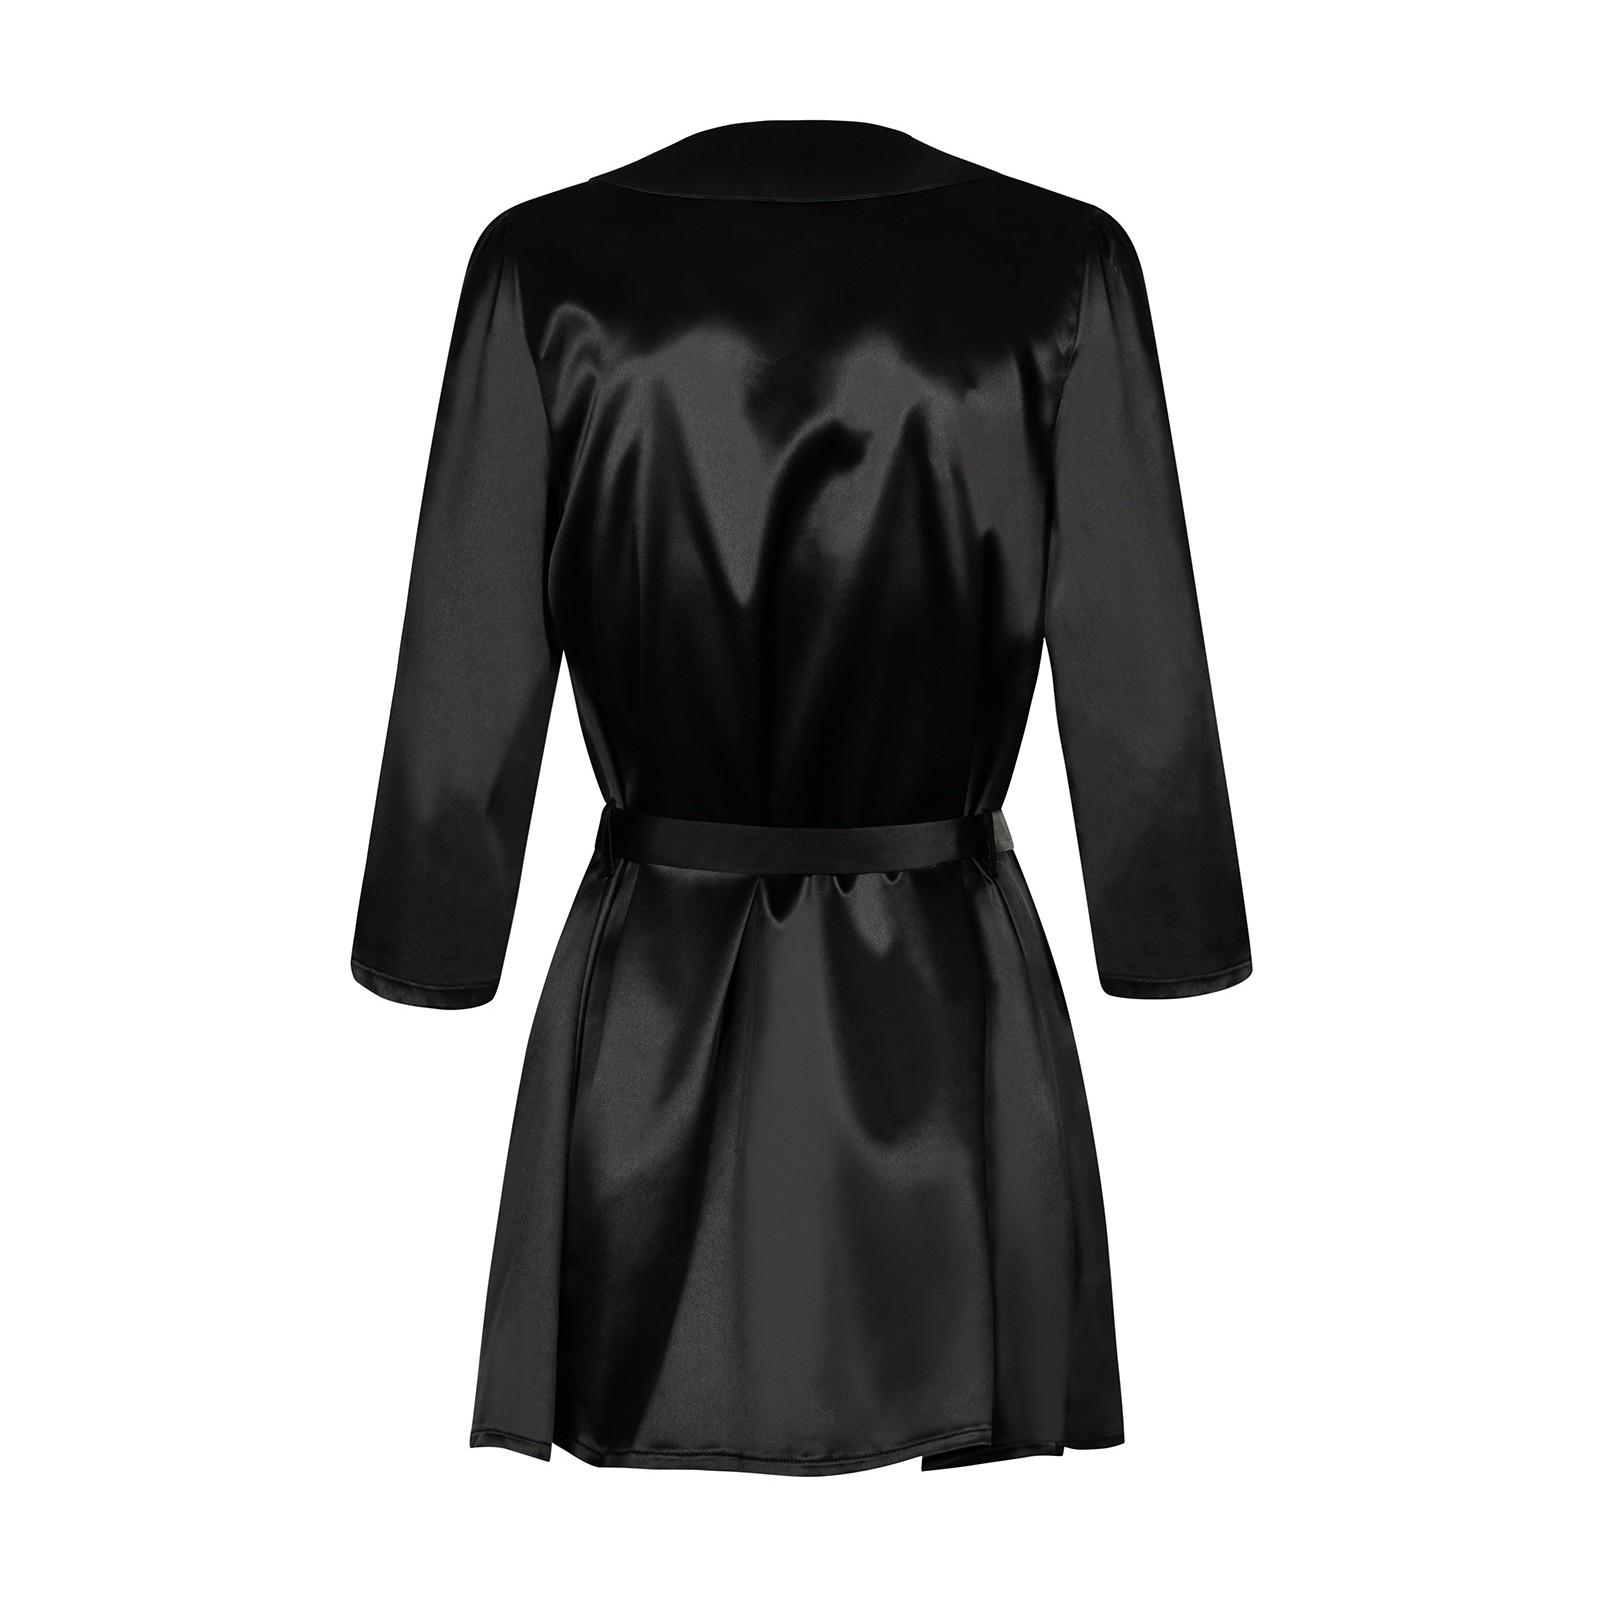 Satinia Robe schwarz - 4 - Vorschaubild